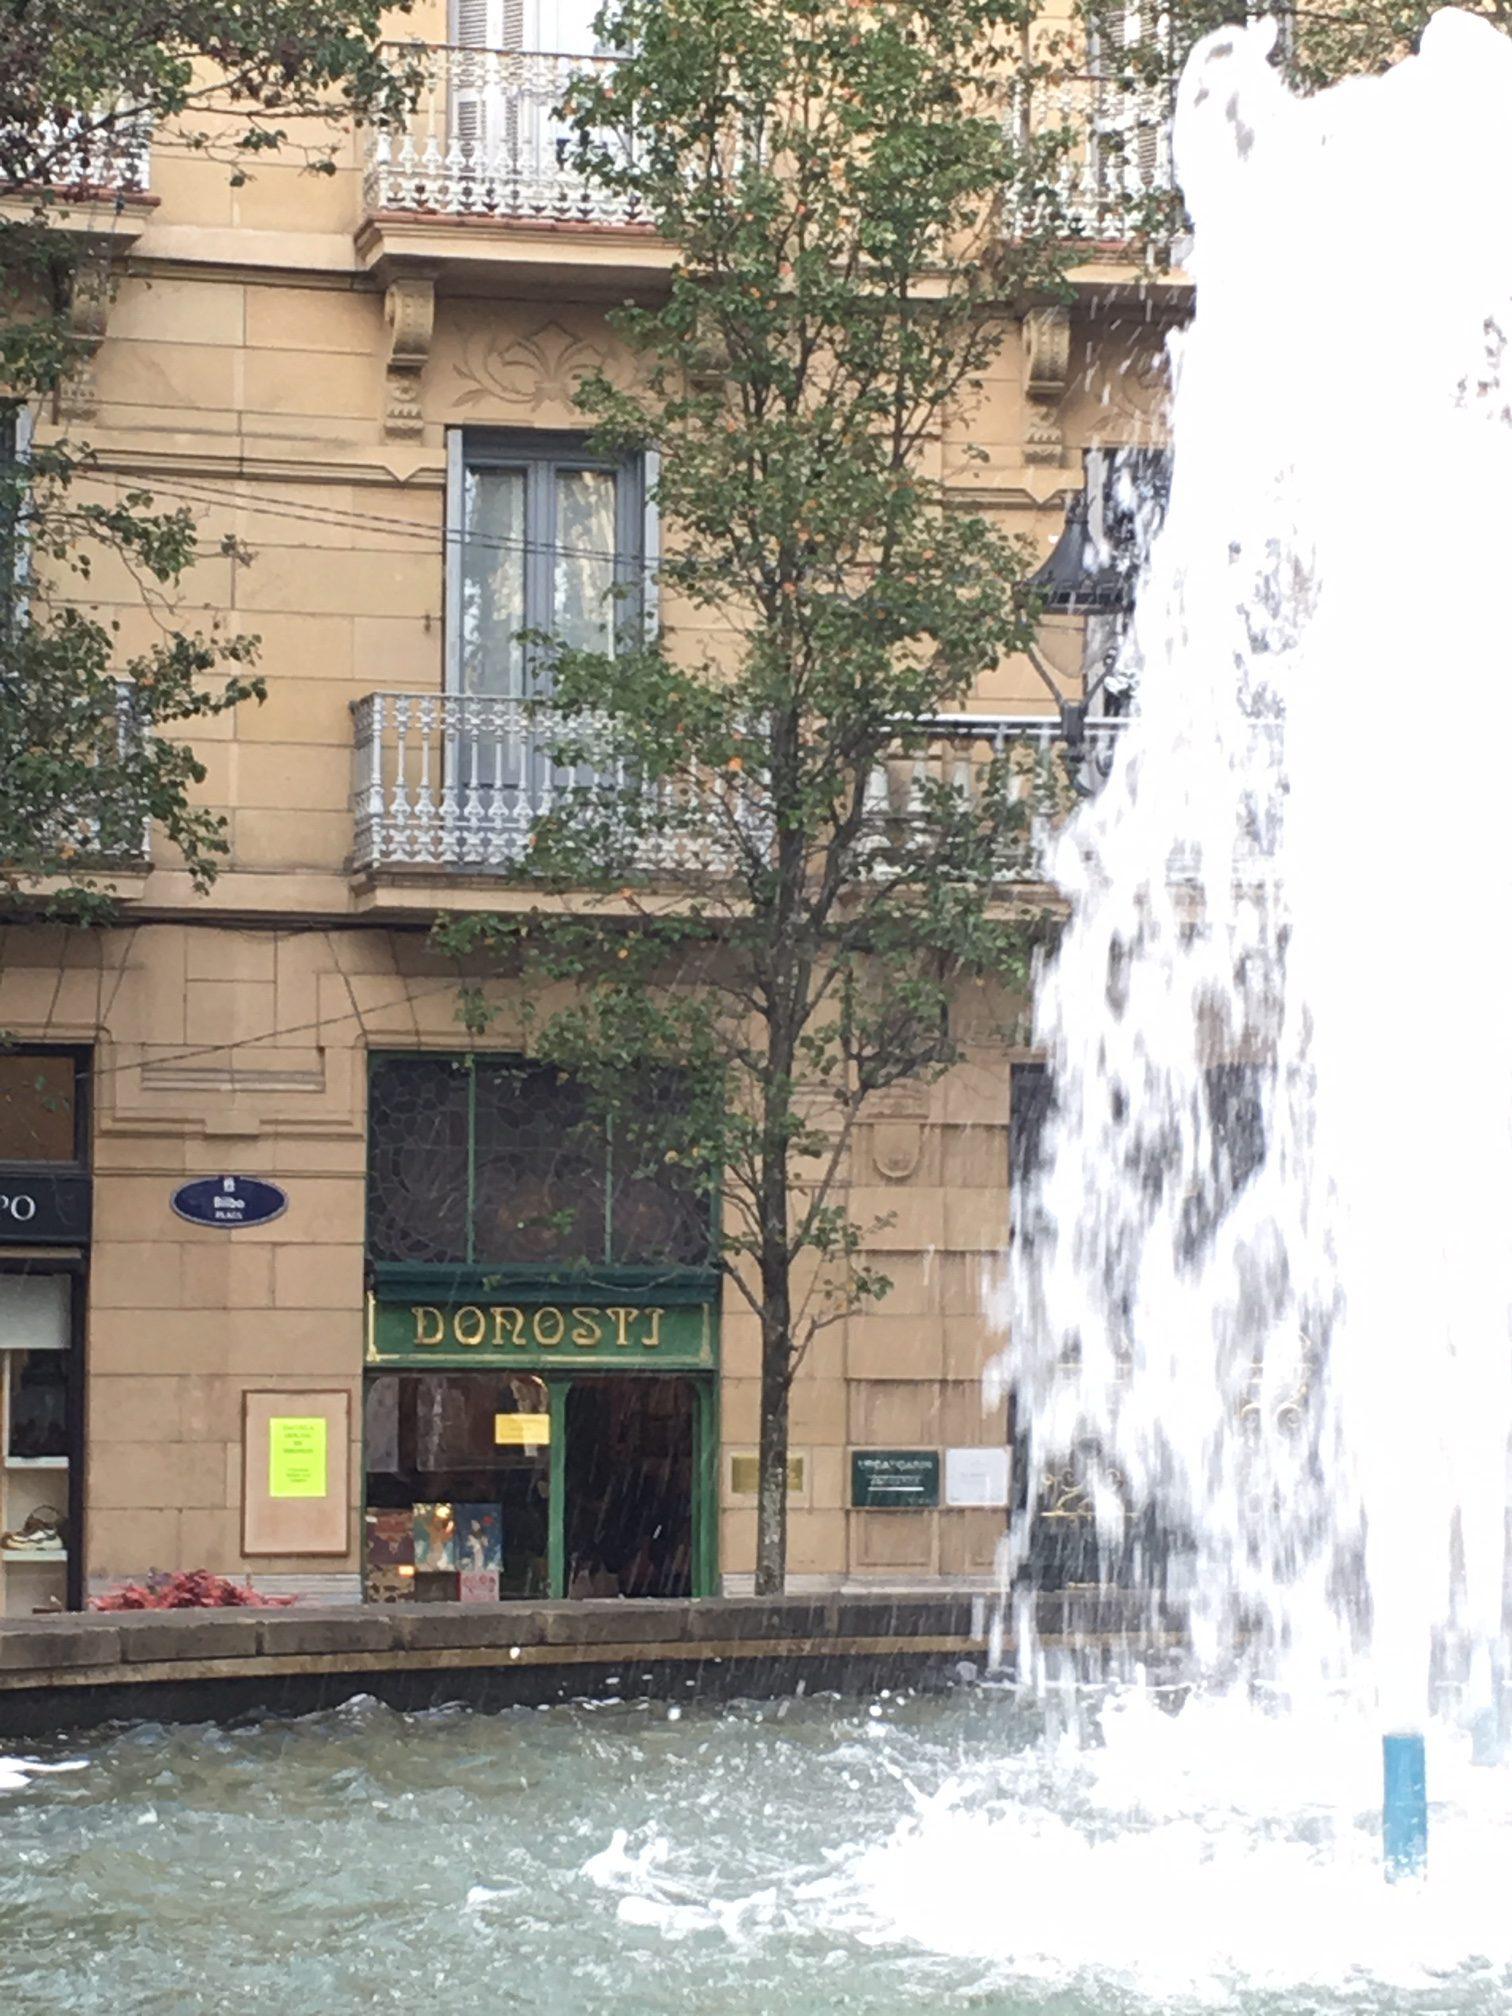 Donostia bookstore in San Sebastian